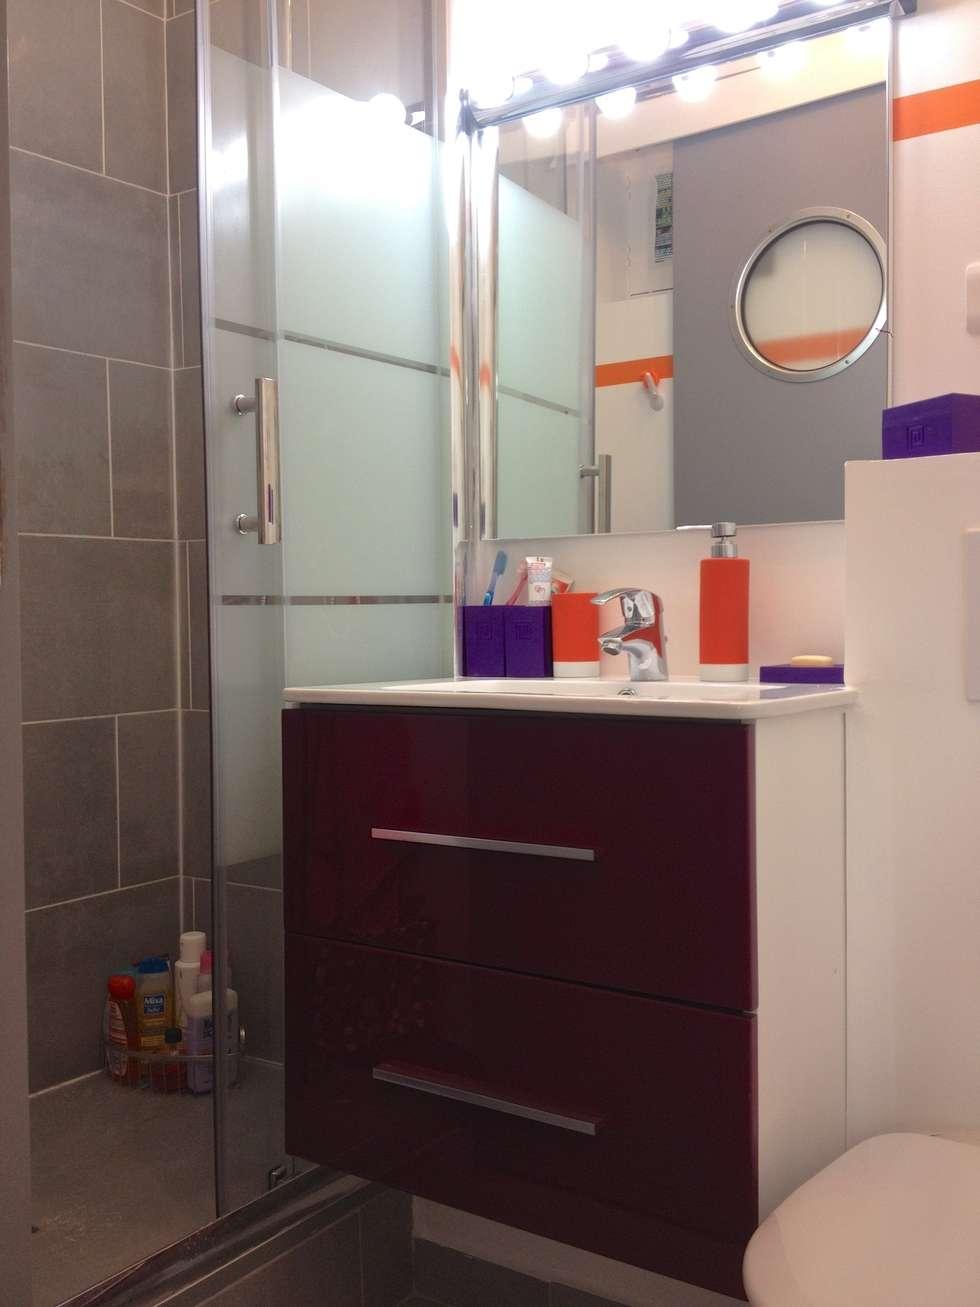 Salle de bain enfant: Salle de bains de style  par Decorexpat